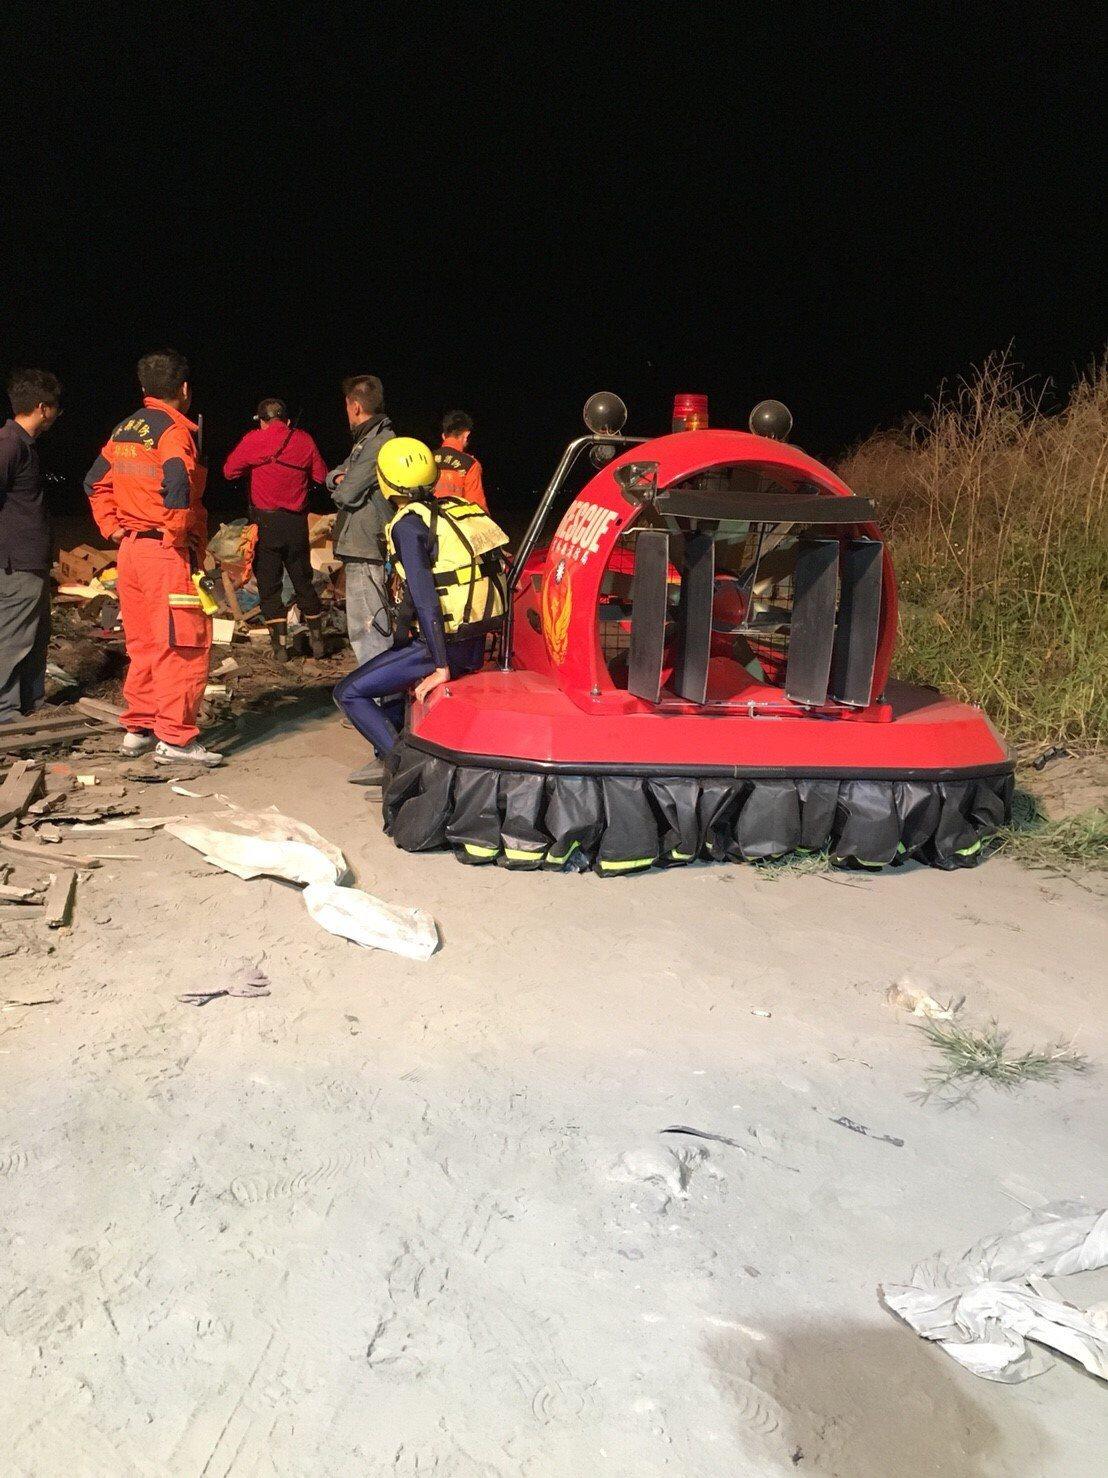 雲林濁水溪暴漲三名民眾受困,消防隊漏夜搜尋。圖/民眾提供